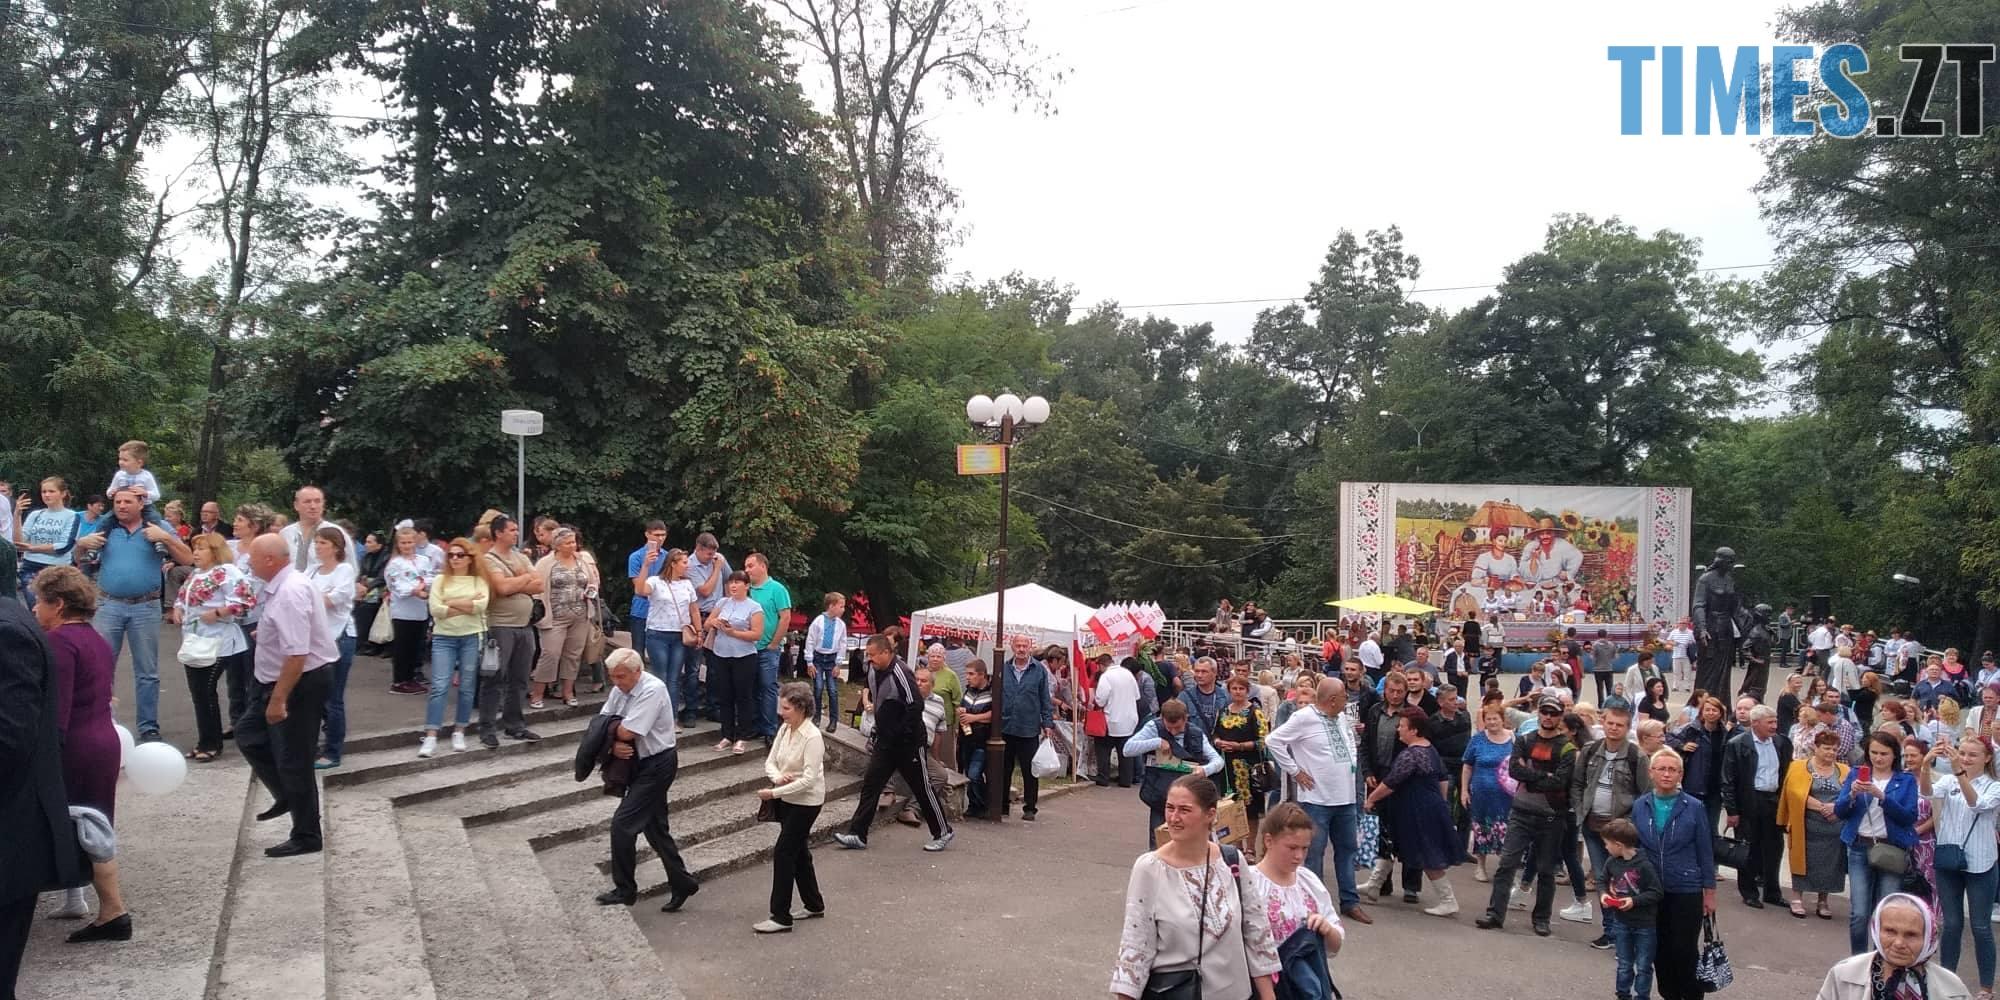 41158201 259361824911165 5319058280150990848 n - Десятий фестиваль дерунів: насмажили чимало, показали найбільшого в країні і побили ним всі рекорди (ФОТОРЕПОРТАЖ)